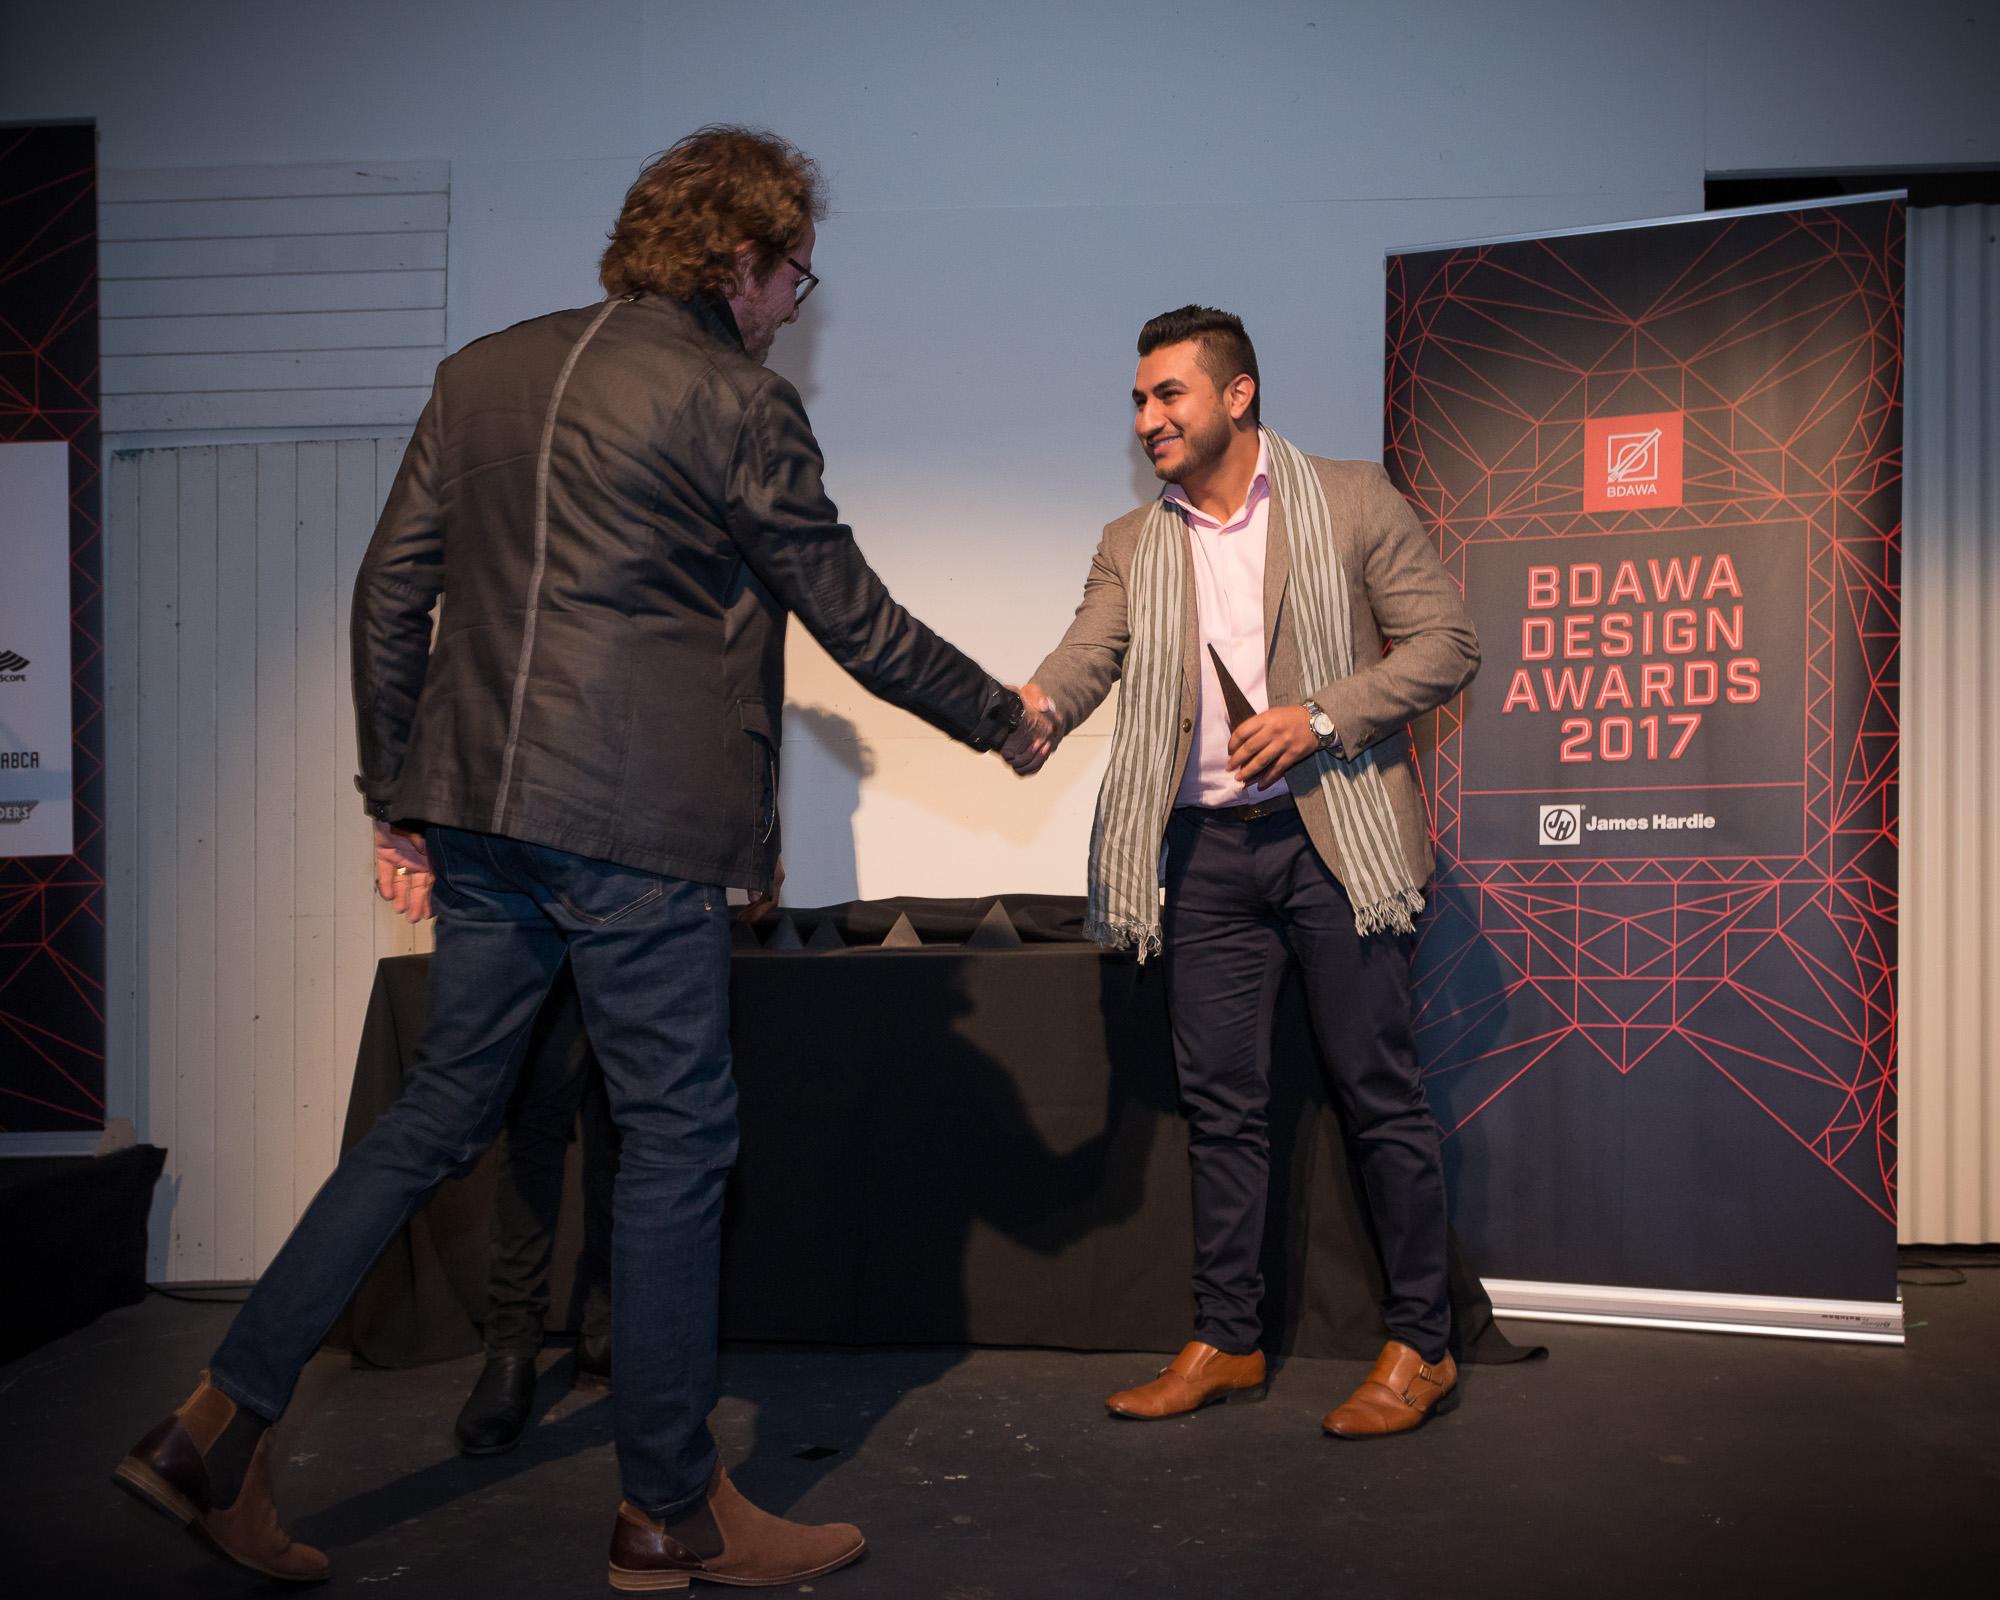 0166 BDA WA Awards 2017 _JHG7429.jpg